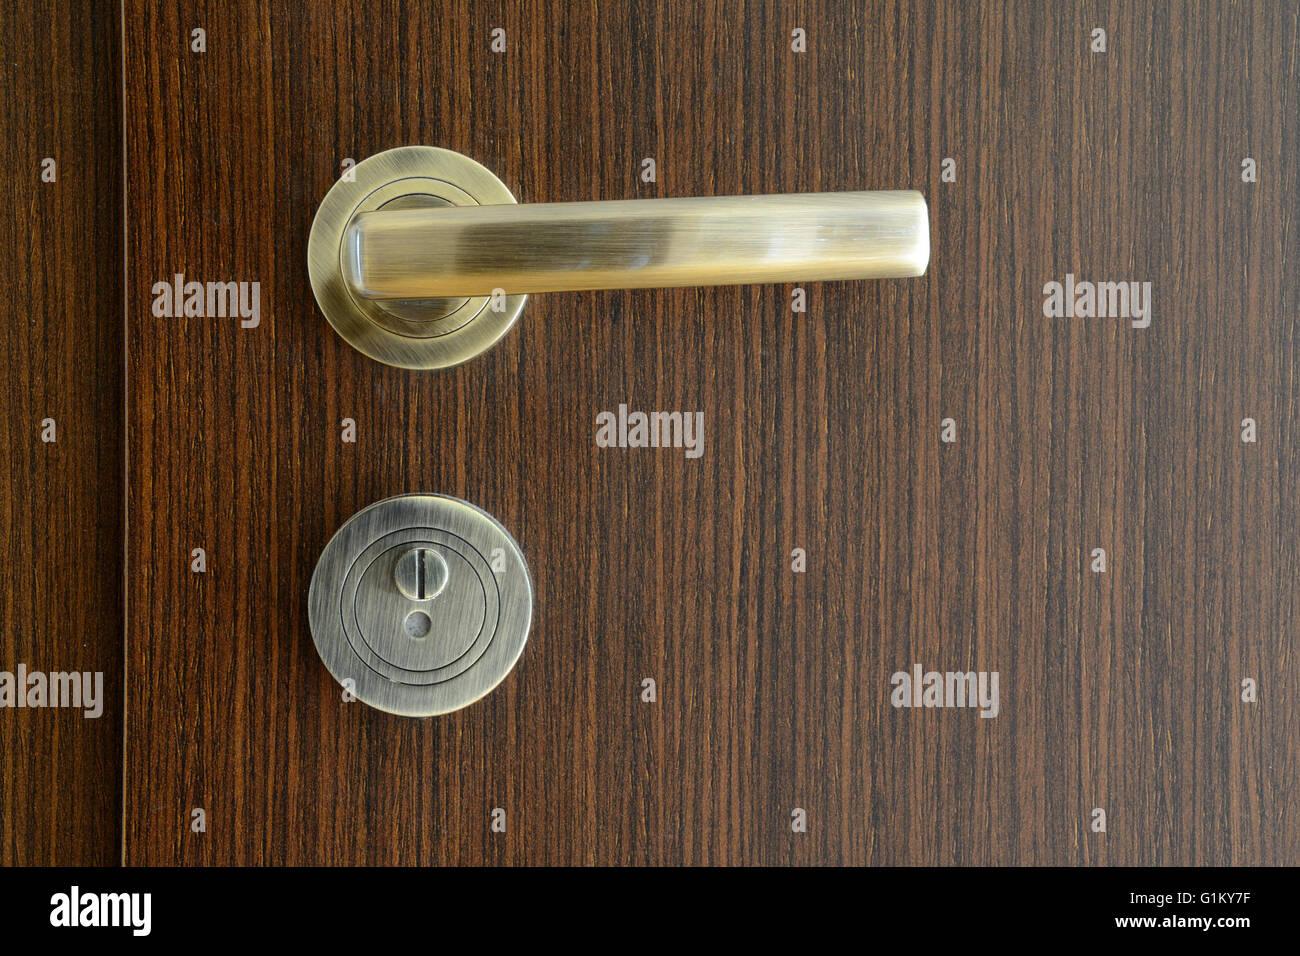 modern door handles. Golden, Modern Door Handle On Brown Wooden Door. - Stock Image Handles O